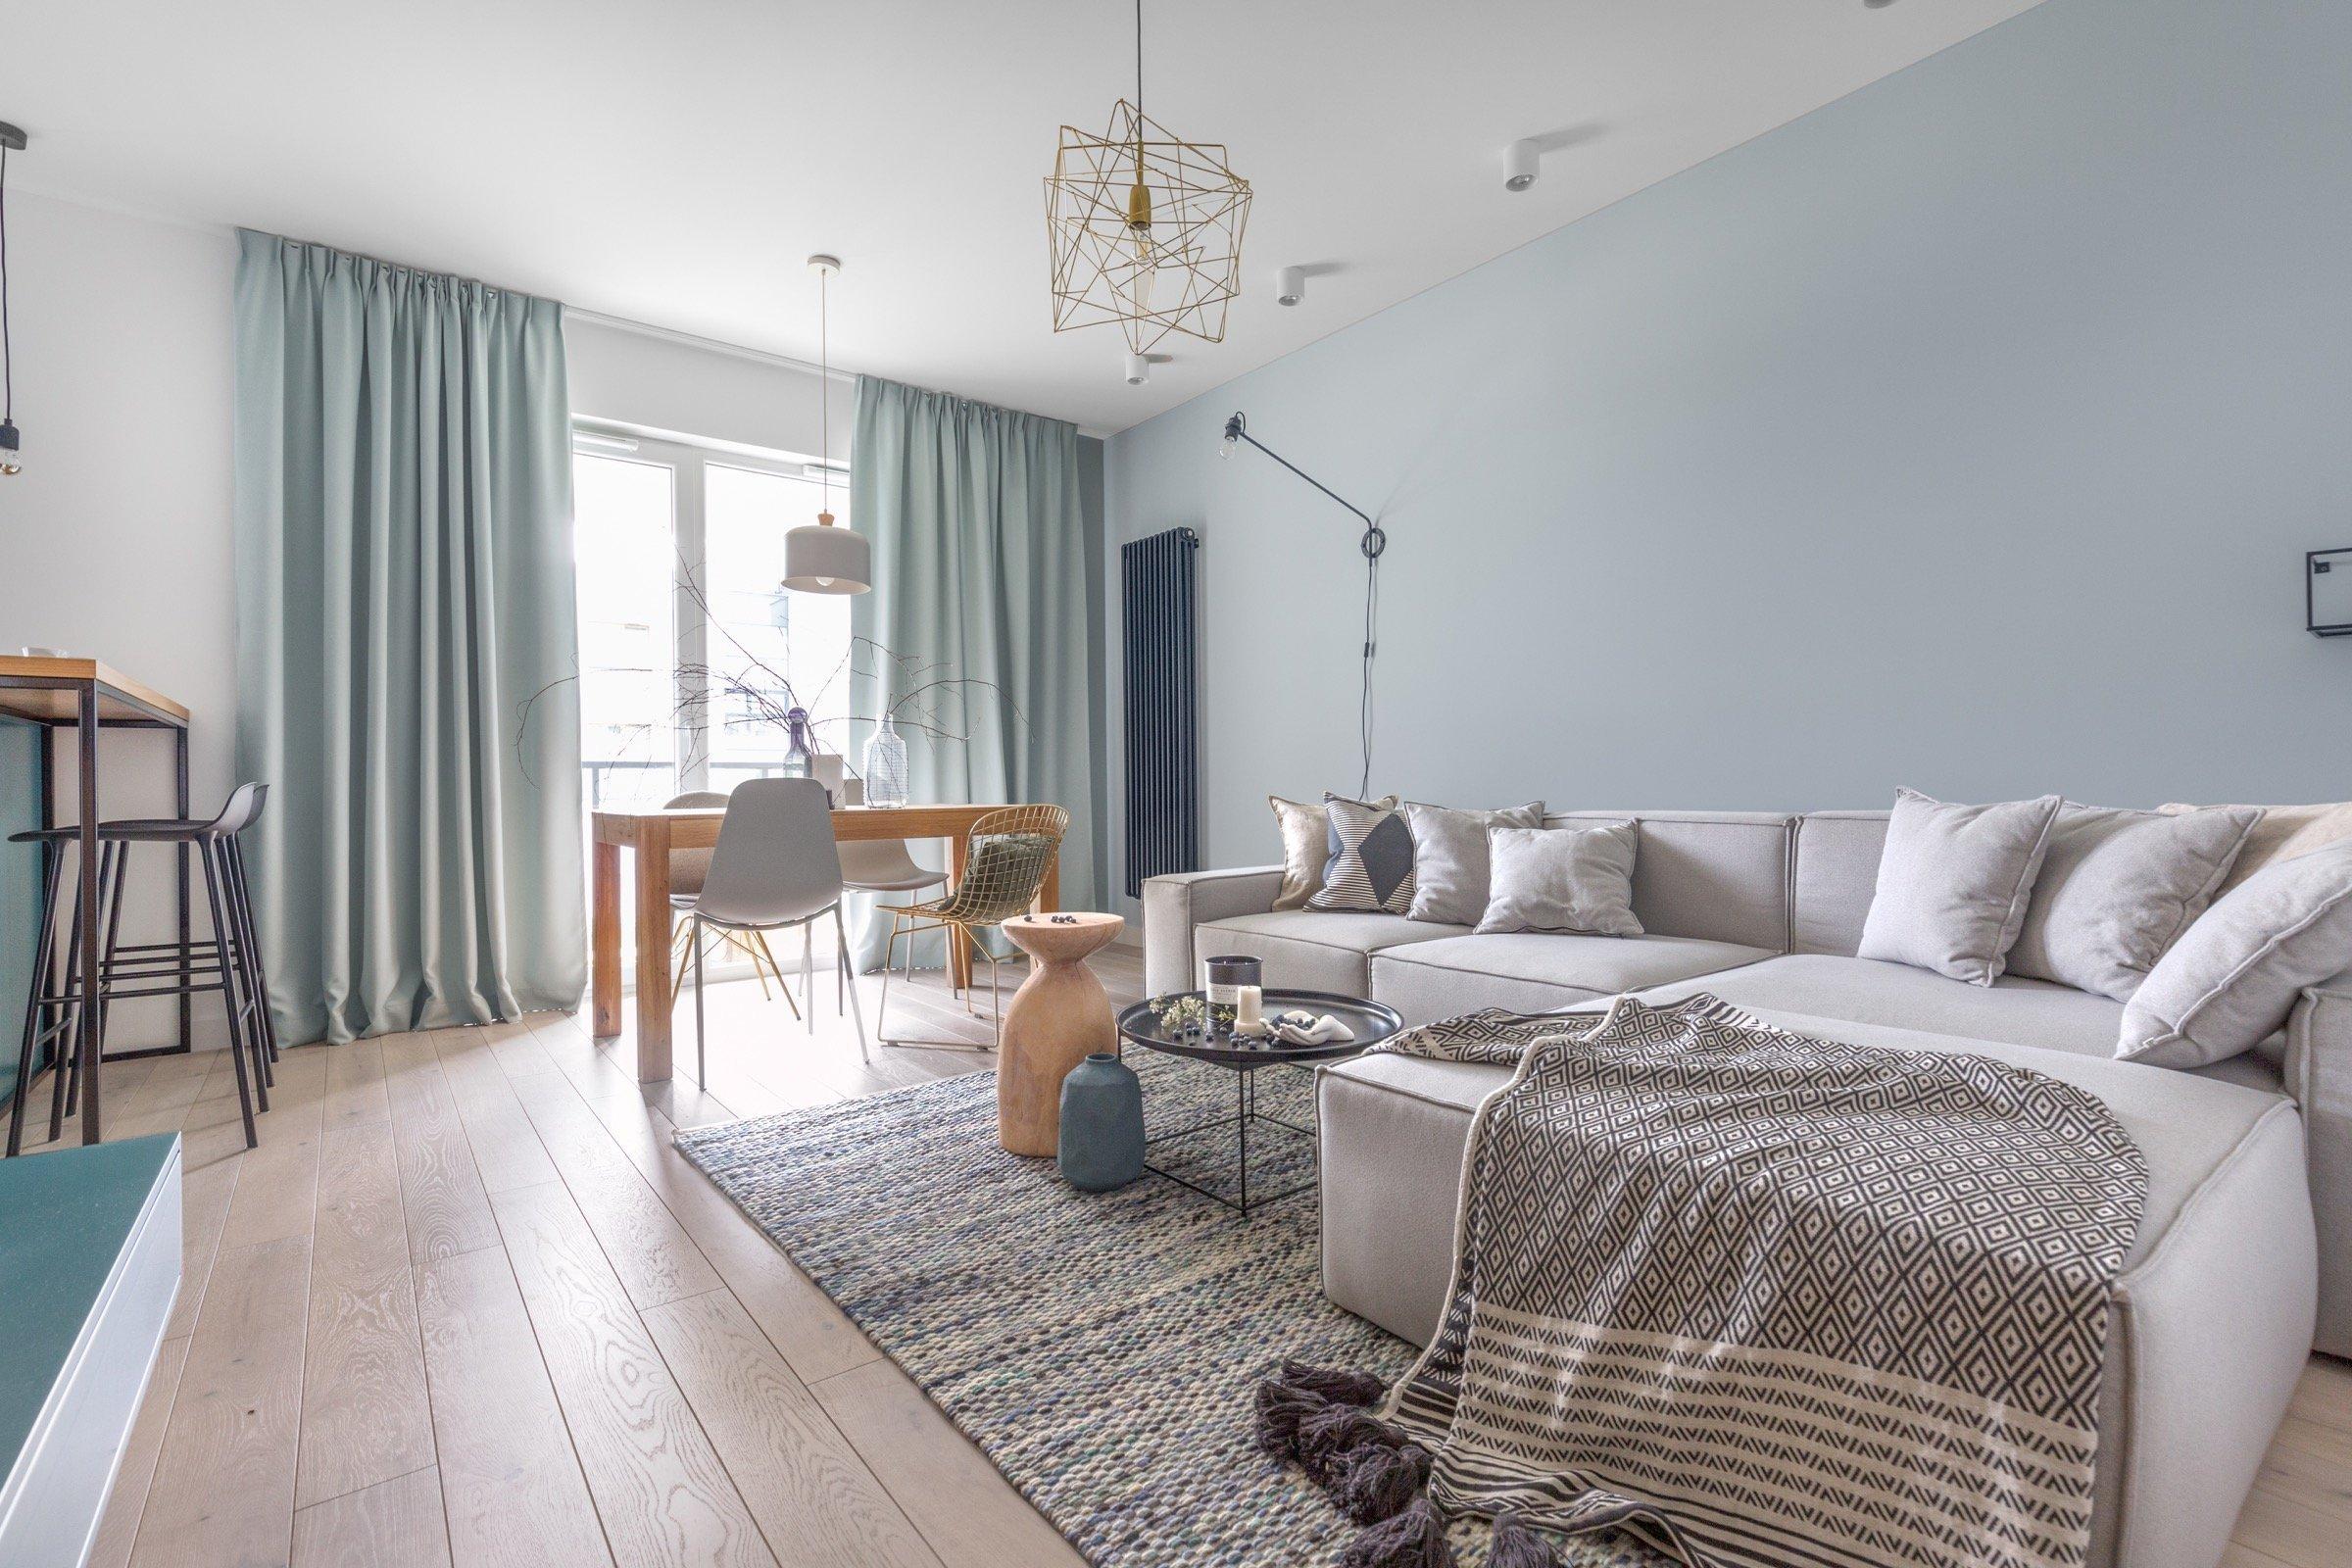 Moderní bydlení v tyrkysových odstínech